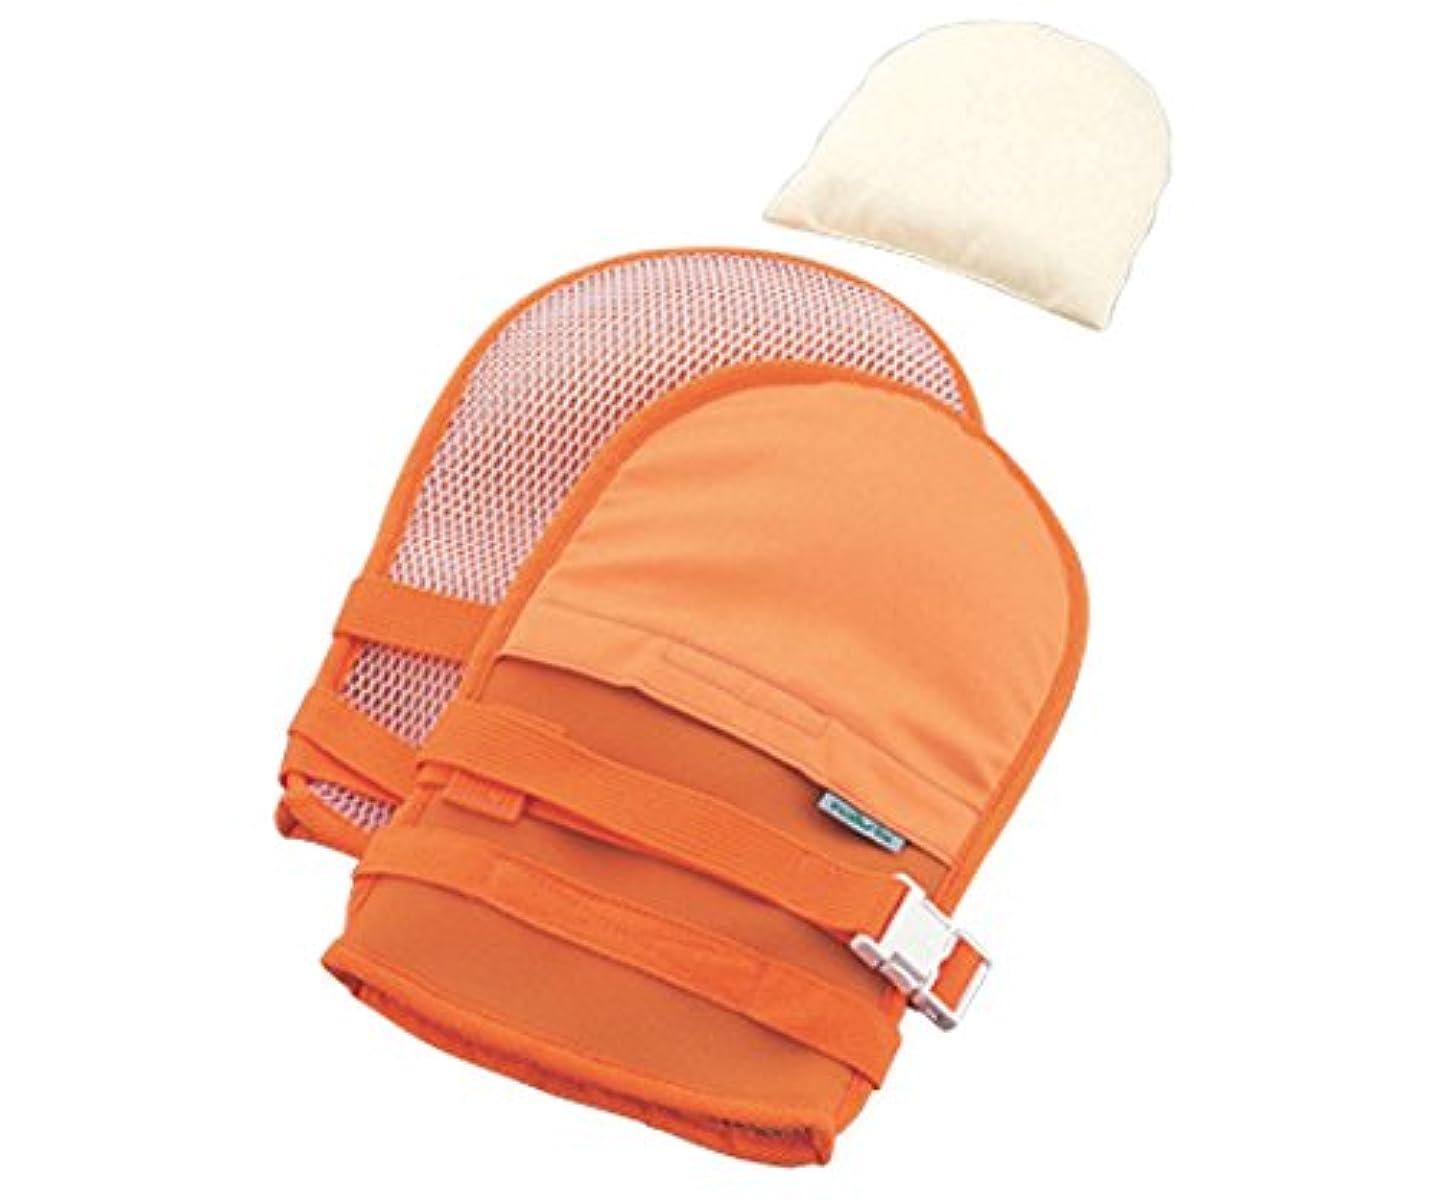 レッスン気を散らす戸惑う抜管防止手袋 中オレンジ /0-1638-42